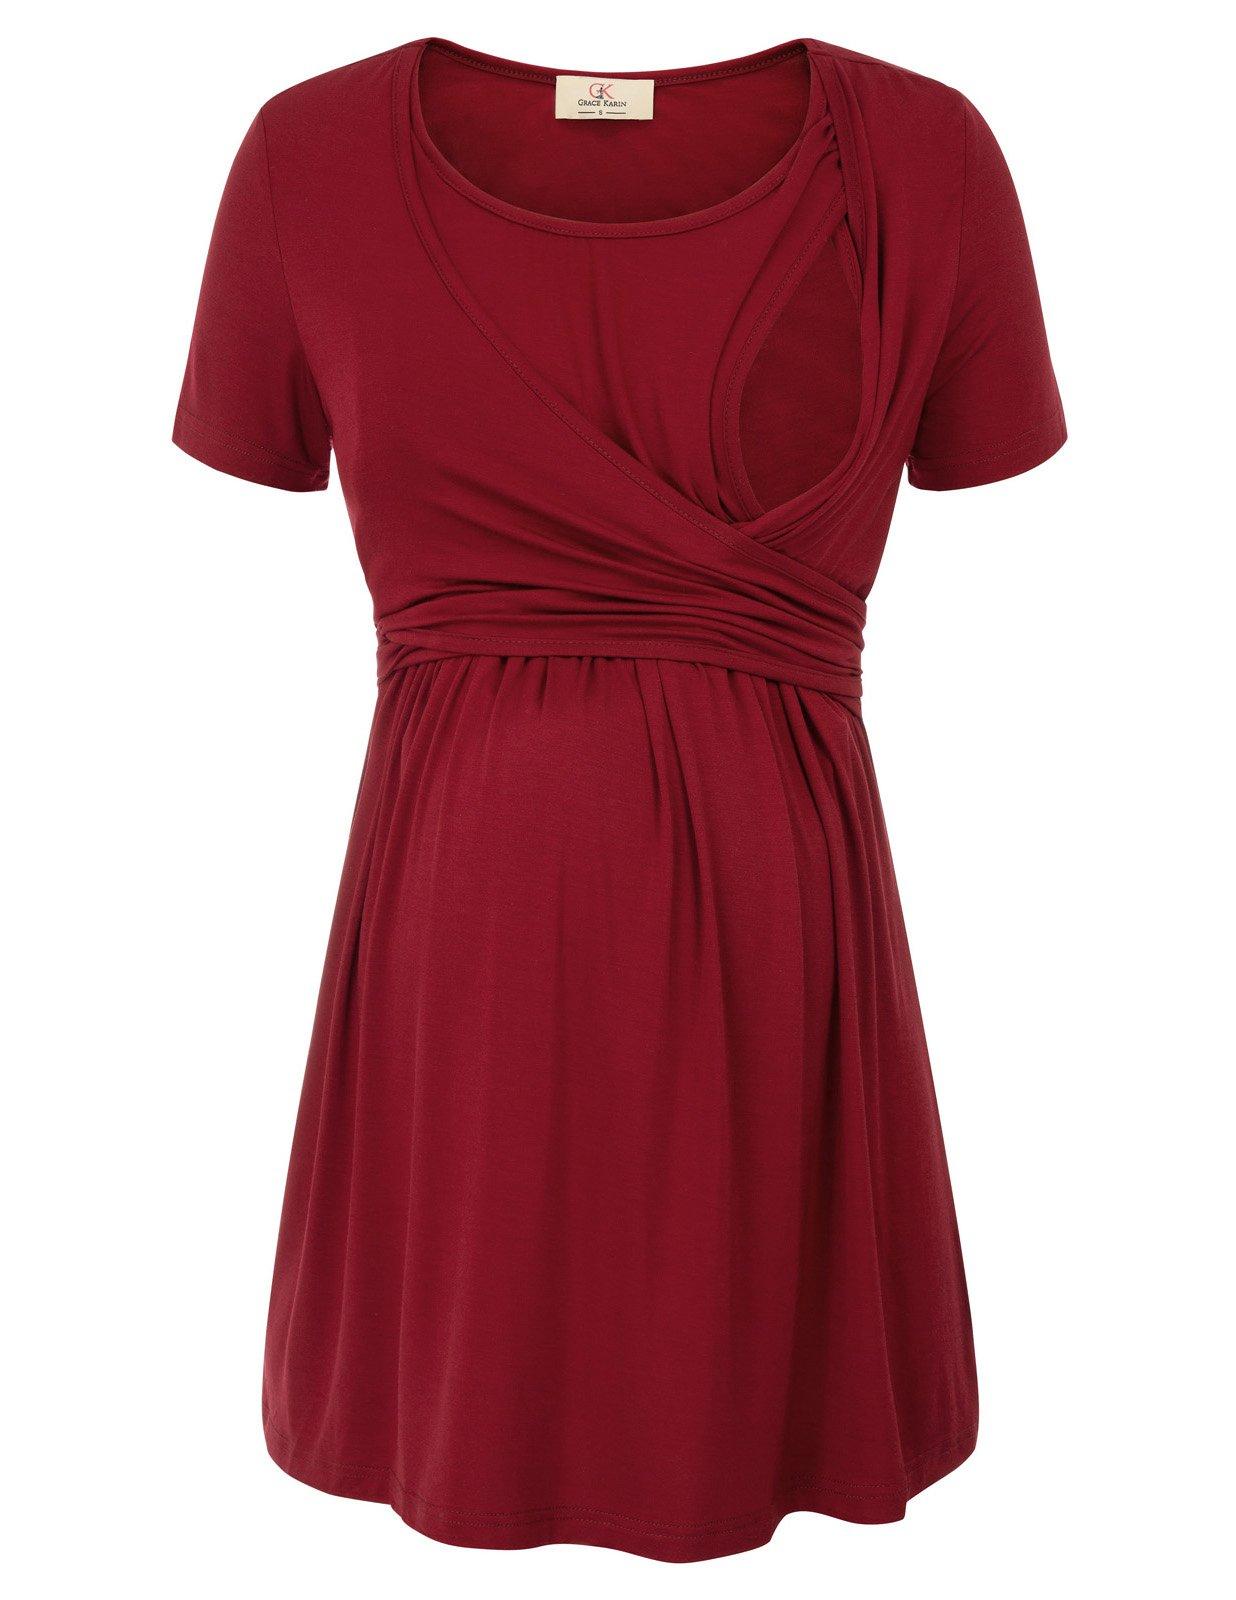 GRACE KARIN Fashion Women Soft Tie Front Nursing Tops Dark Red M